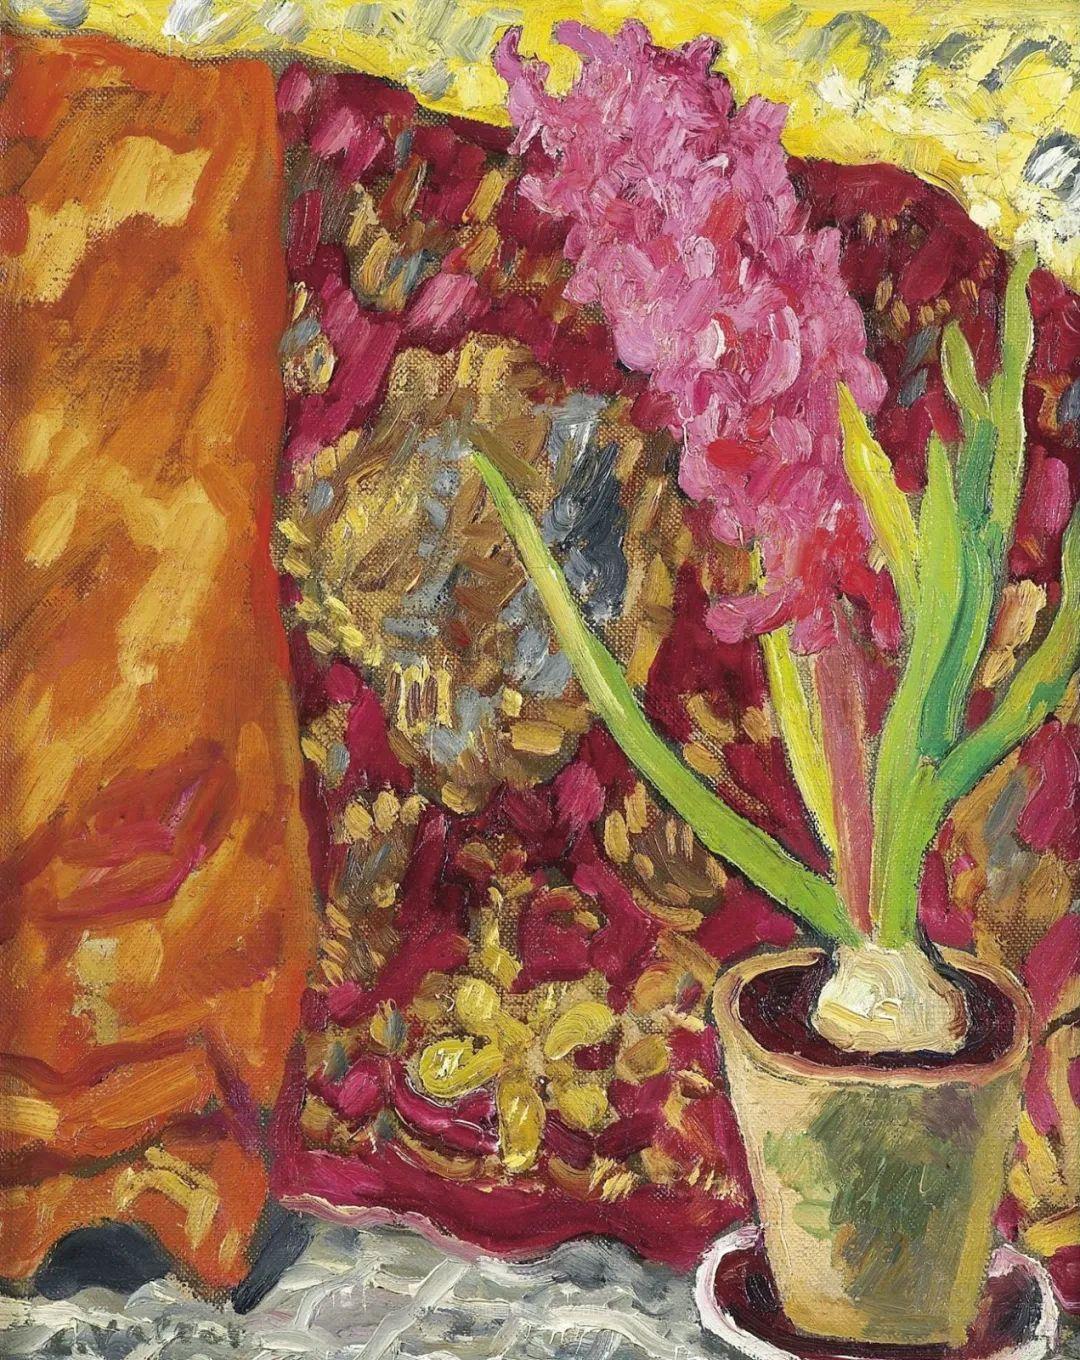 笔触粗犷,色彩令人陶醉,高清花卉作品插图25